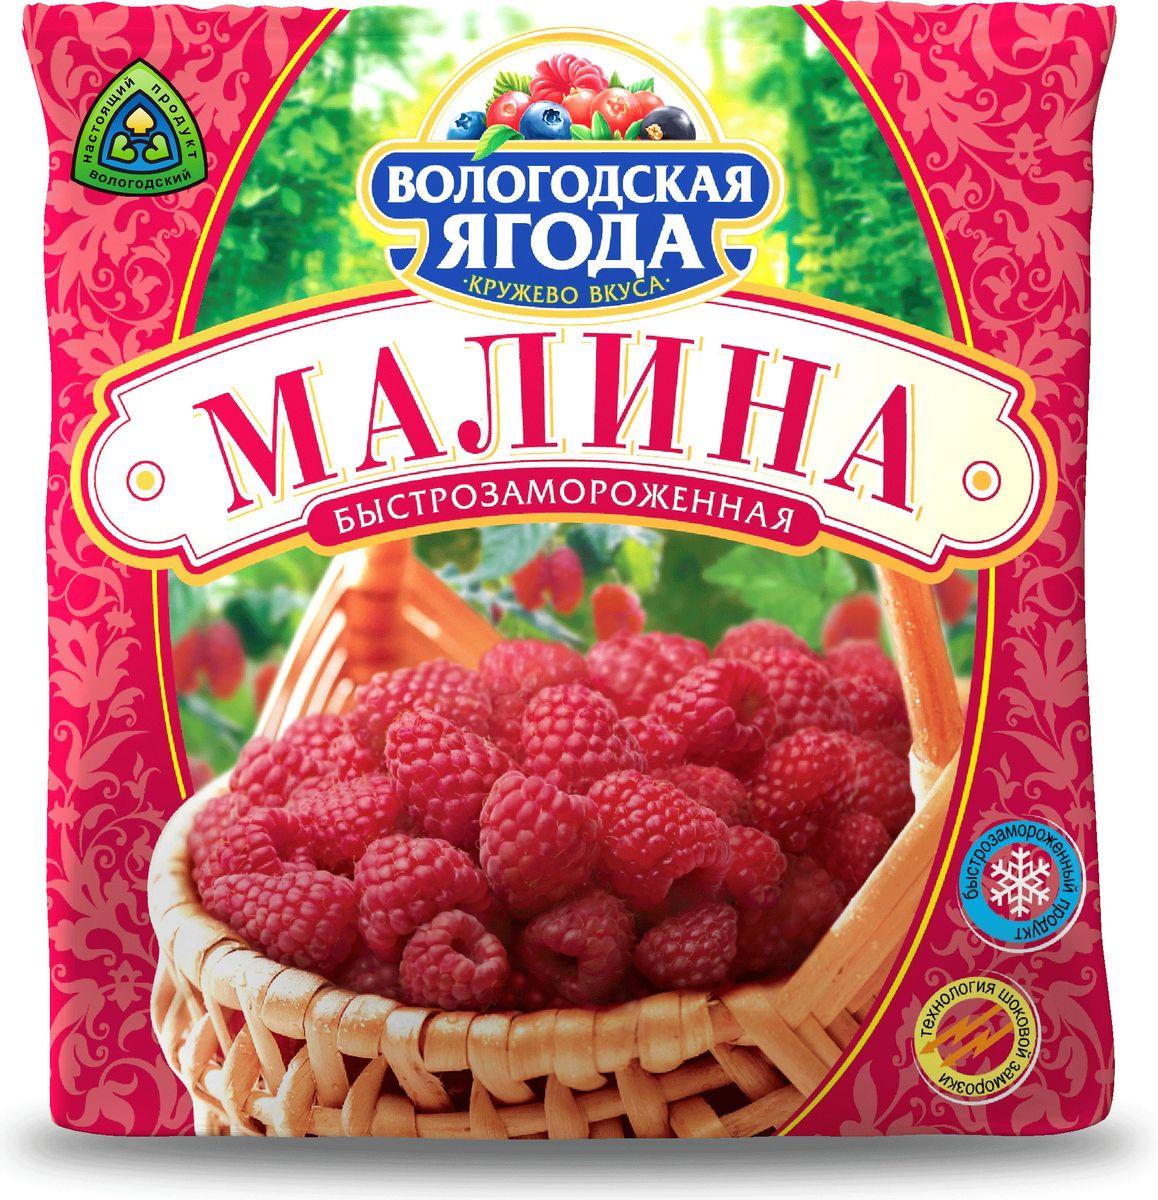 Кружево Вкуса Малина быстрозамороженная, 300 г кружево вкуса смесь для смузи из клубники и ананаса быстрозамороженная 300 г